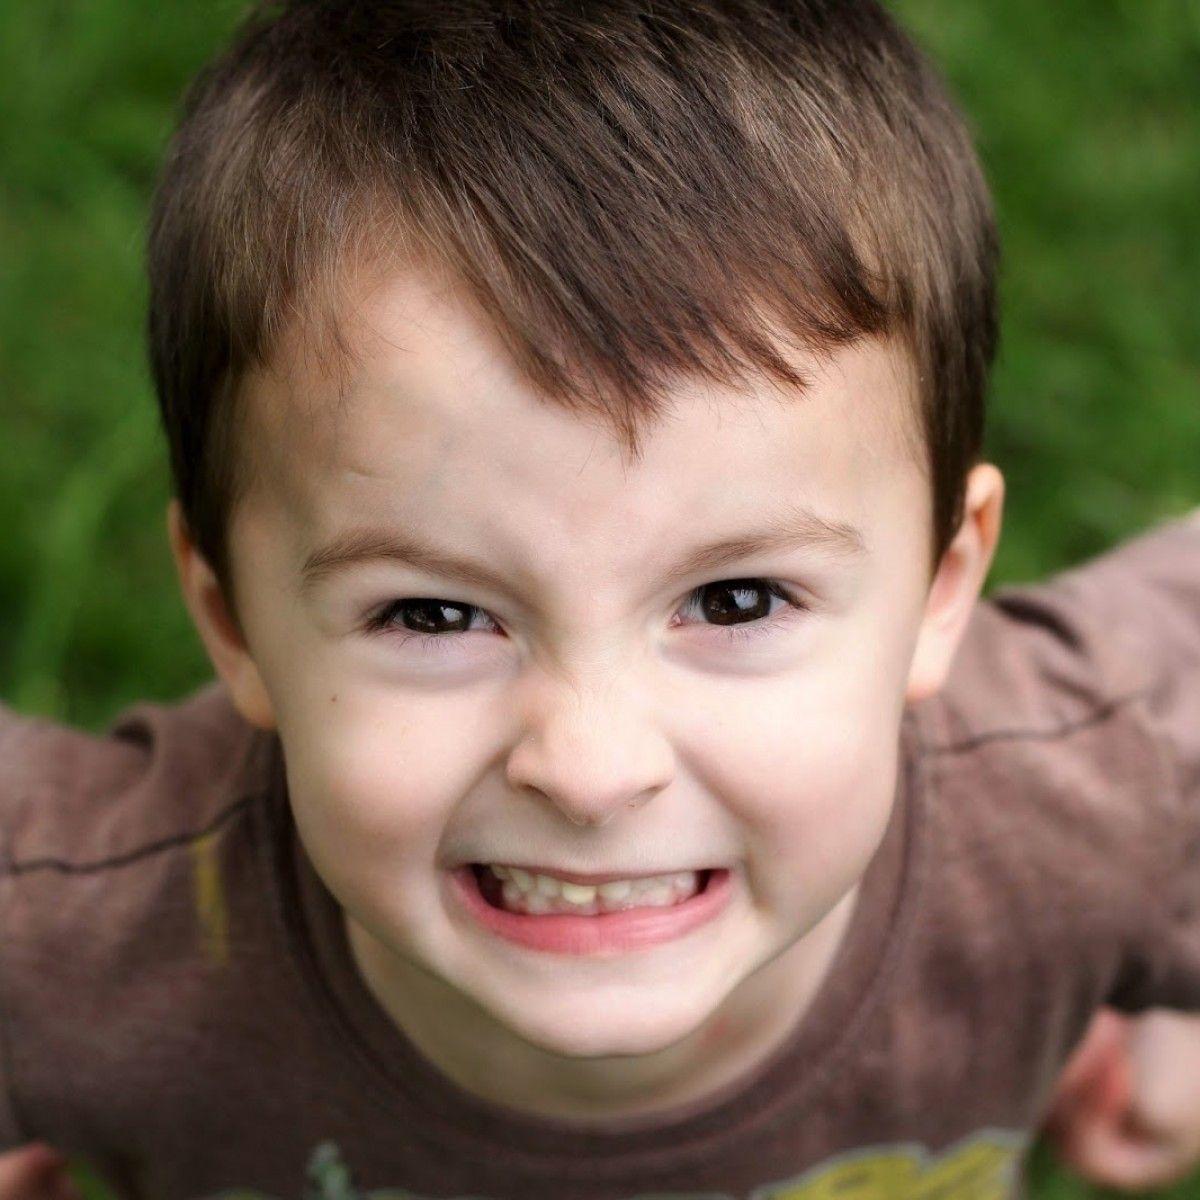 Dalam Sehari, Berapa Kali Kita Tak Marah pada Anak?